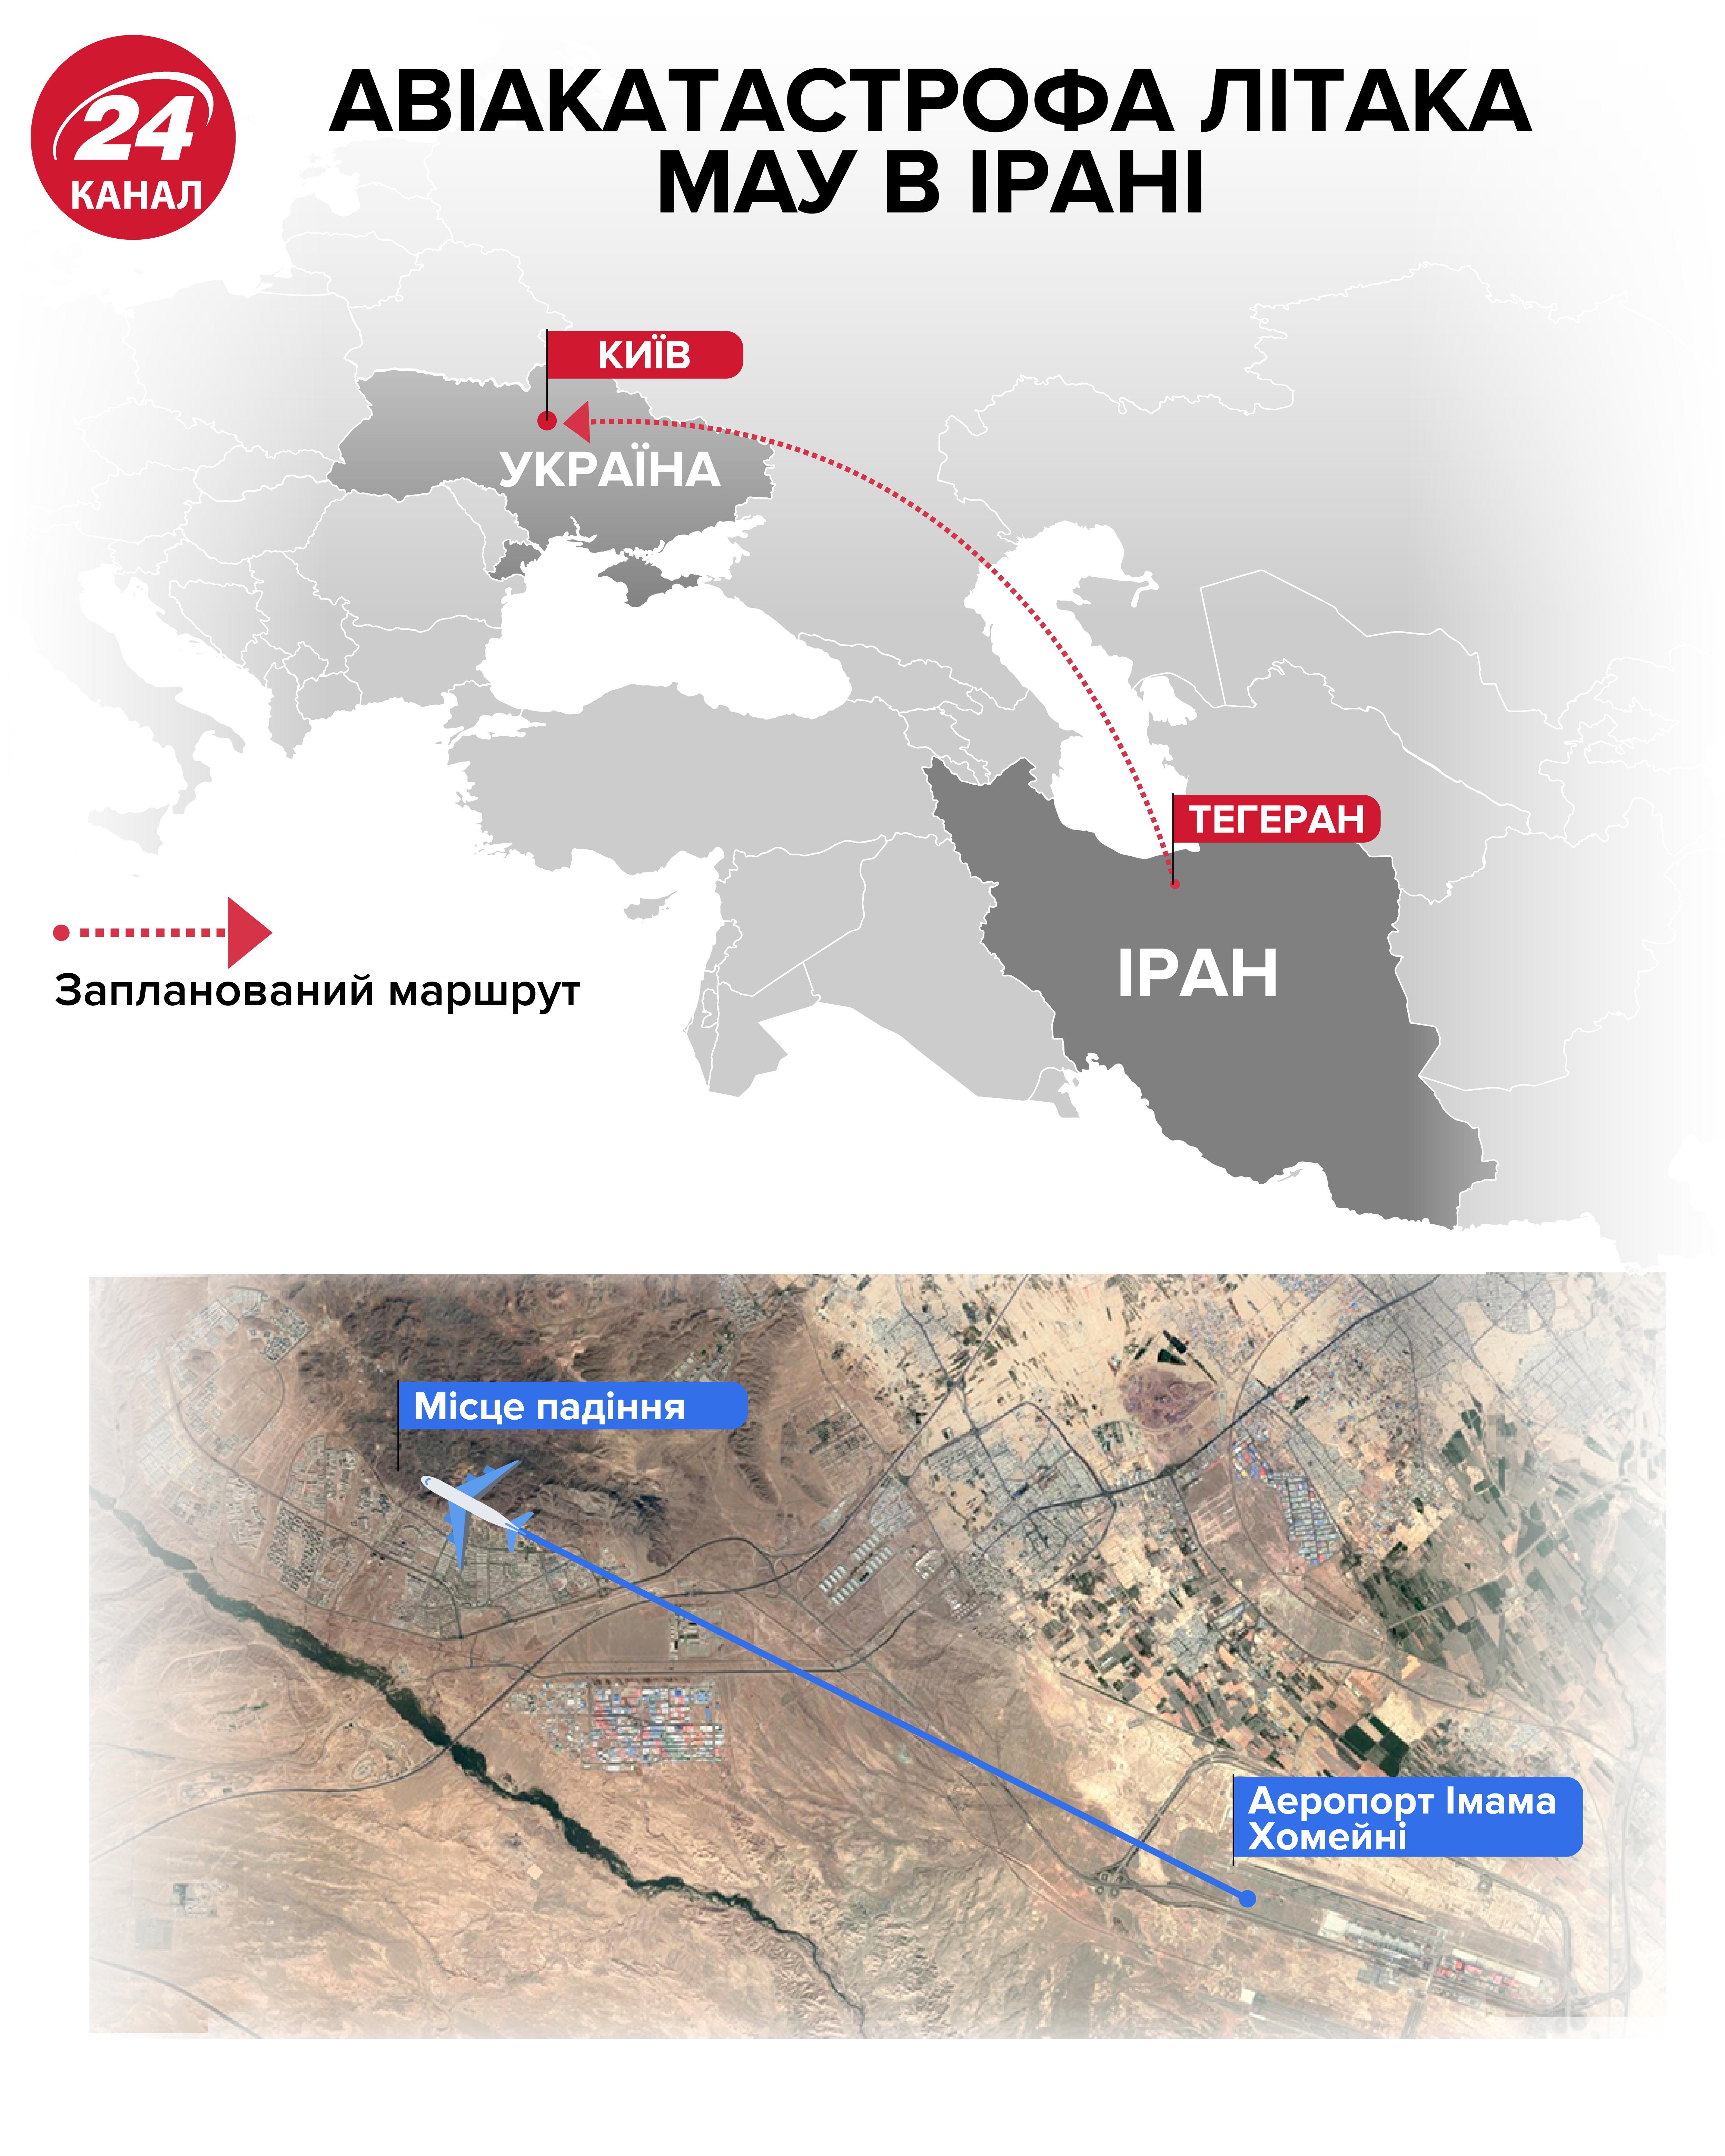 карта катастрофа літака МАУ в Ірані мапа падіння літака